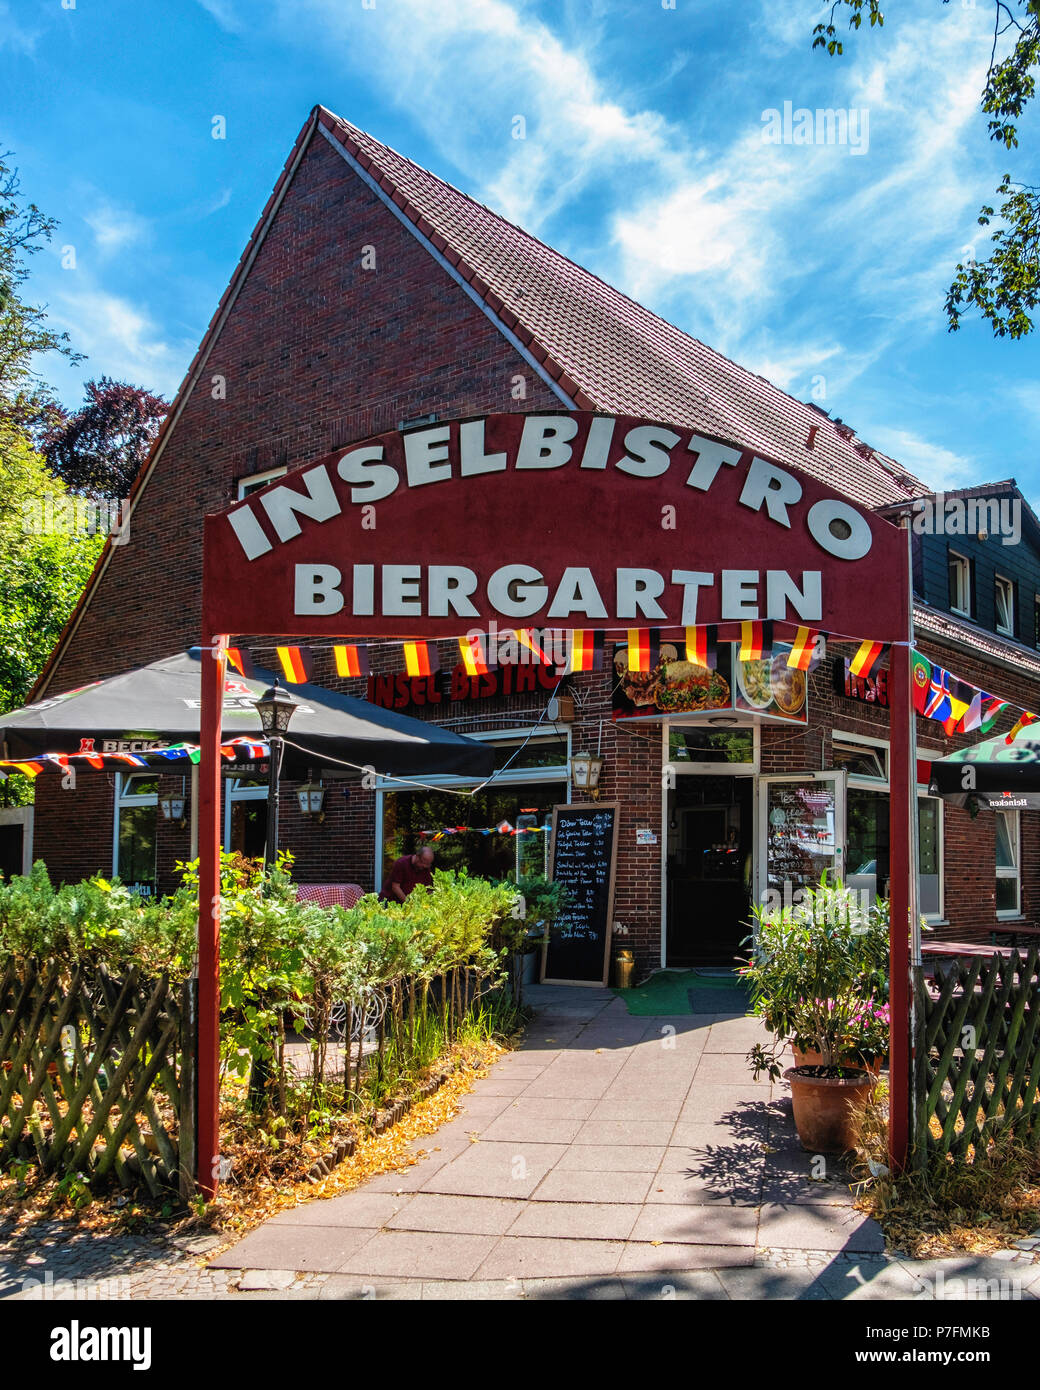 Berlin-Dahlem. Podbielskiallee. Insel Bistro beer garden and restaurant exterior view - Stock Image